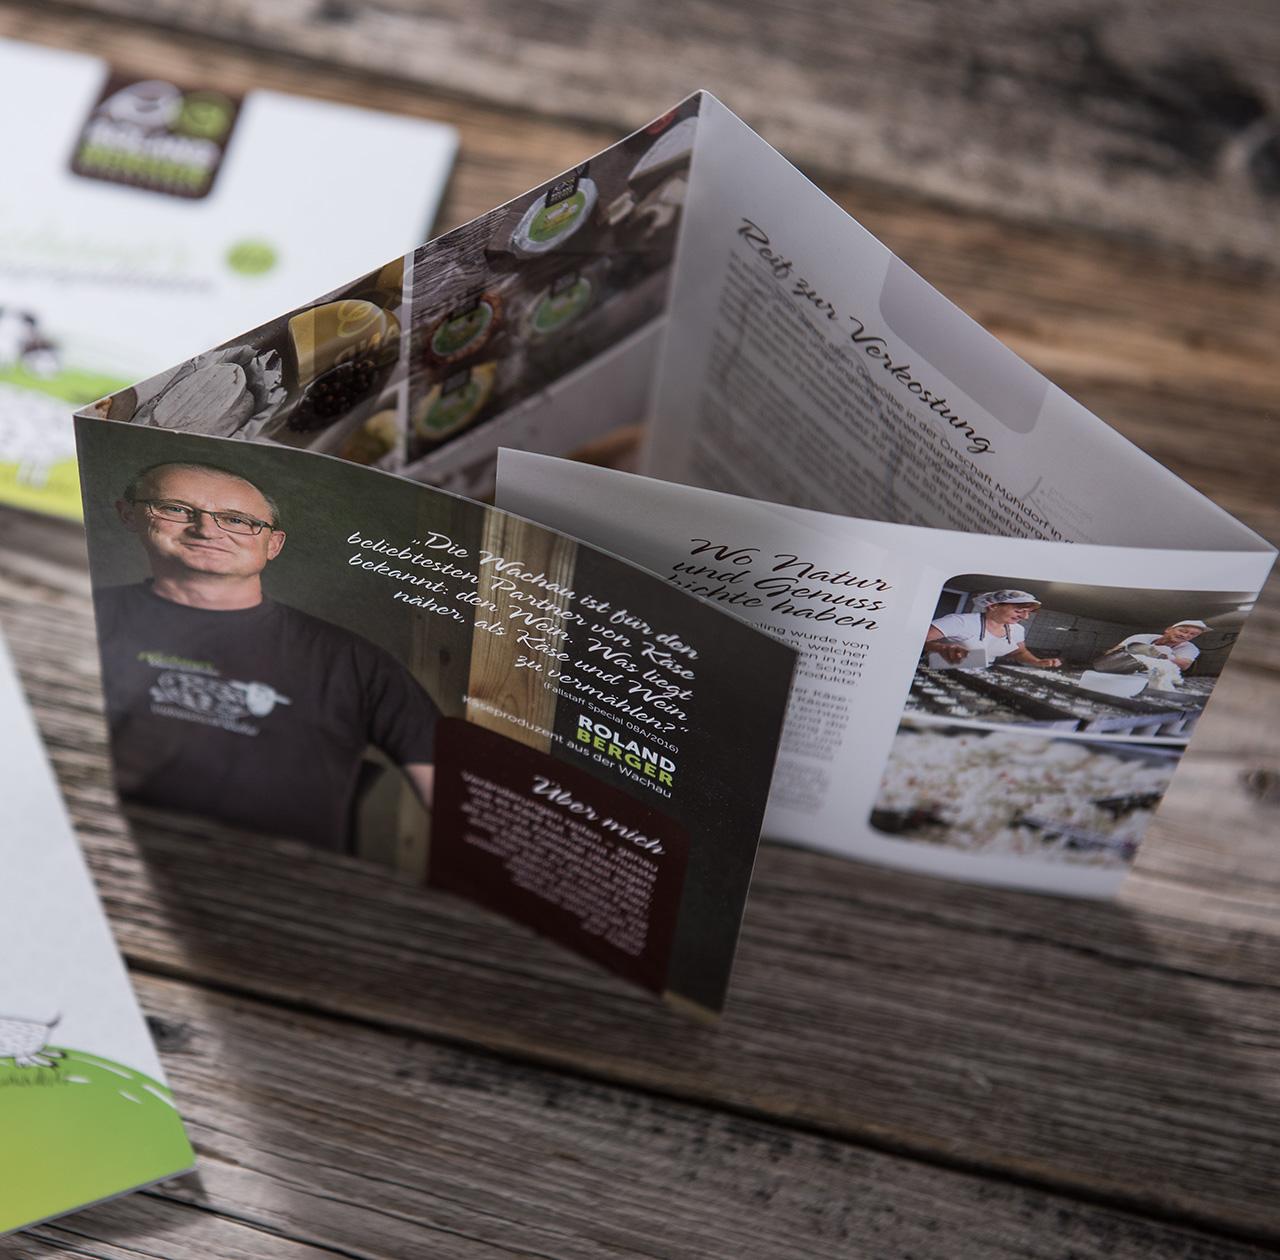 upart Referenz für Biokäserei Roland Berger aus der Wachau - Folder